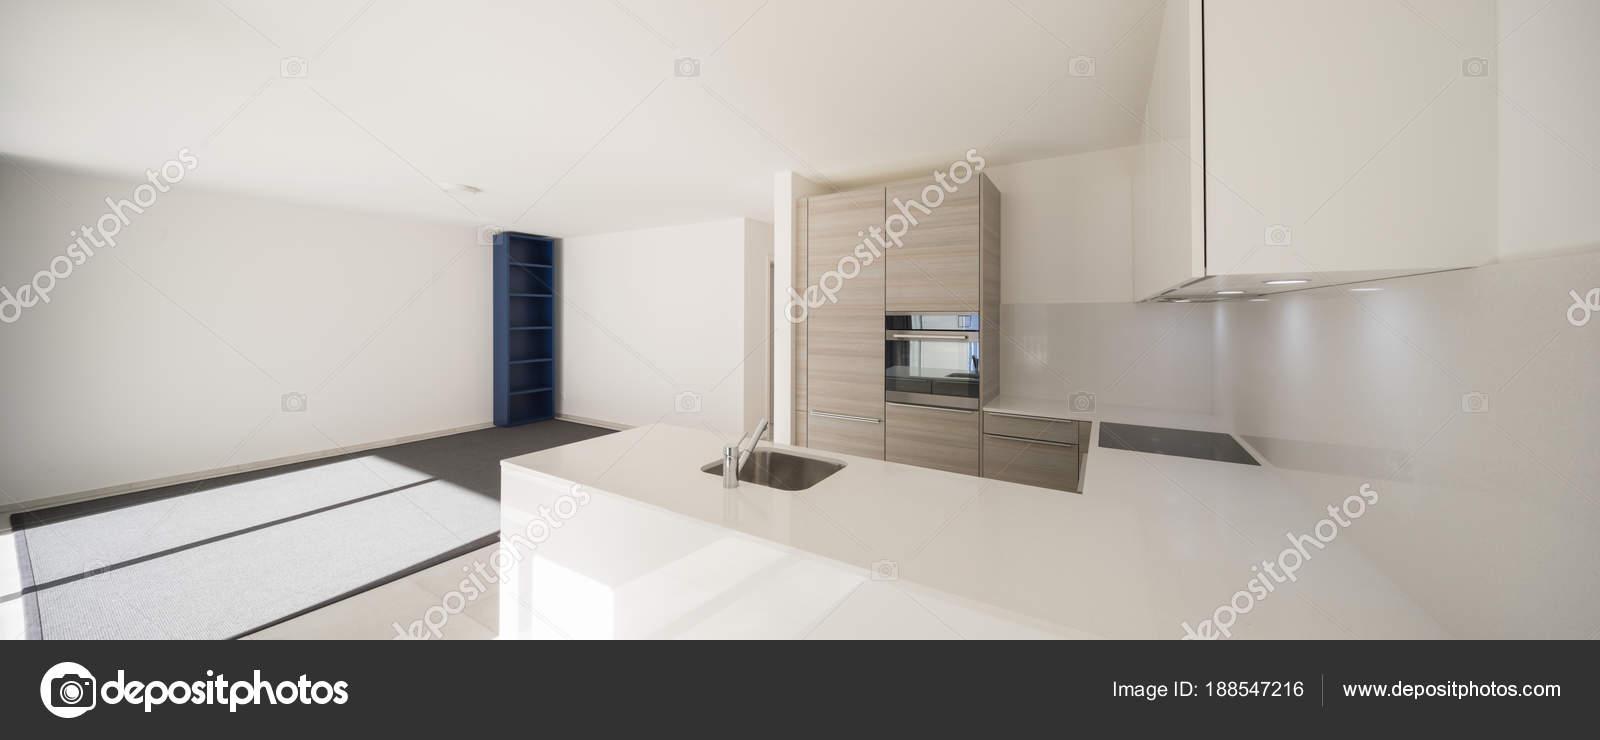 Moderno Espa O Aberto Com Sala De Estar E Cozinha Fotografias De